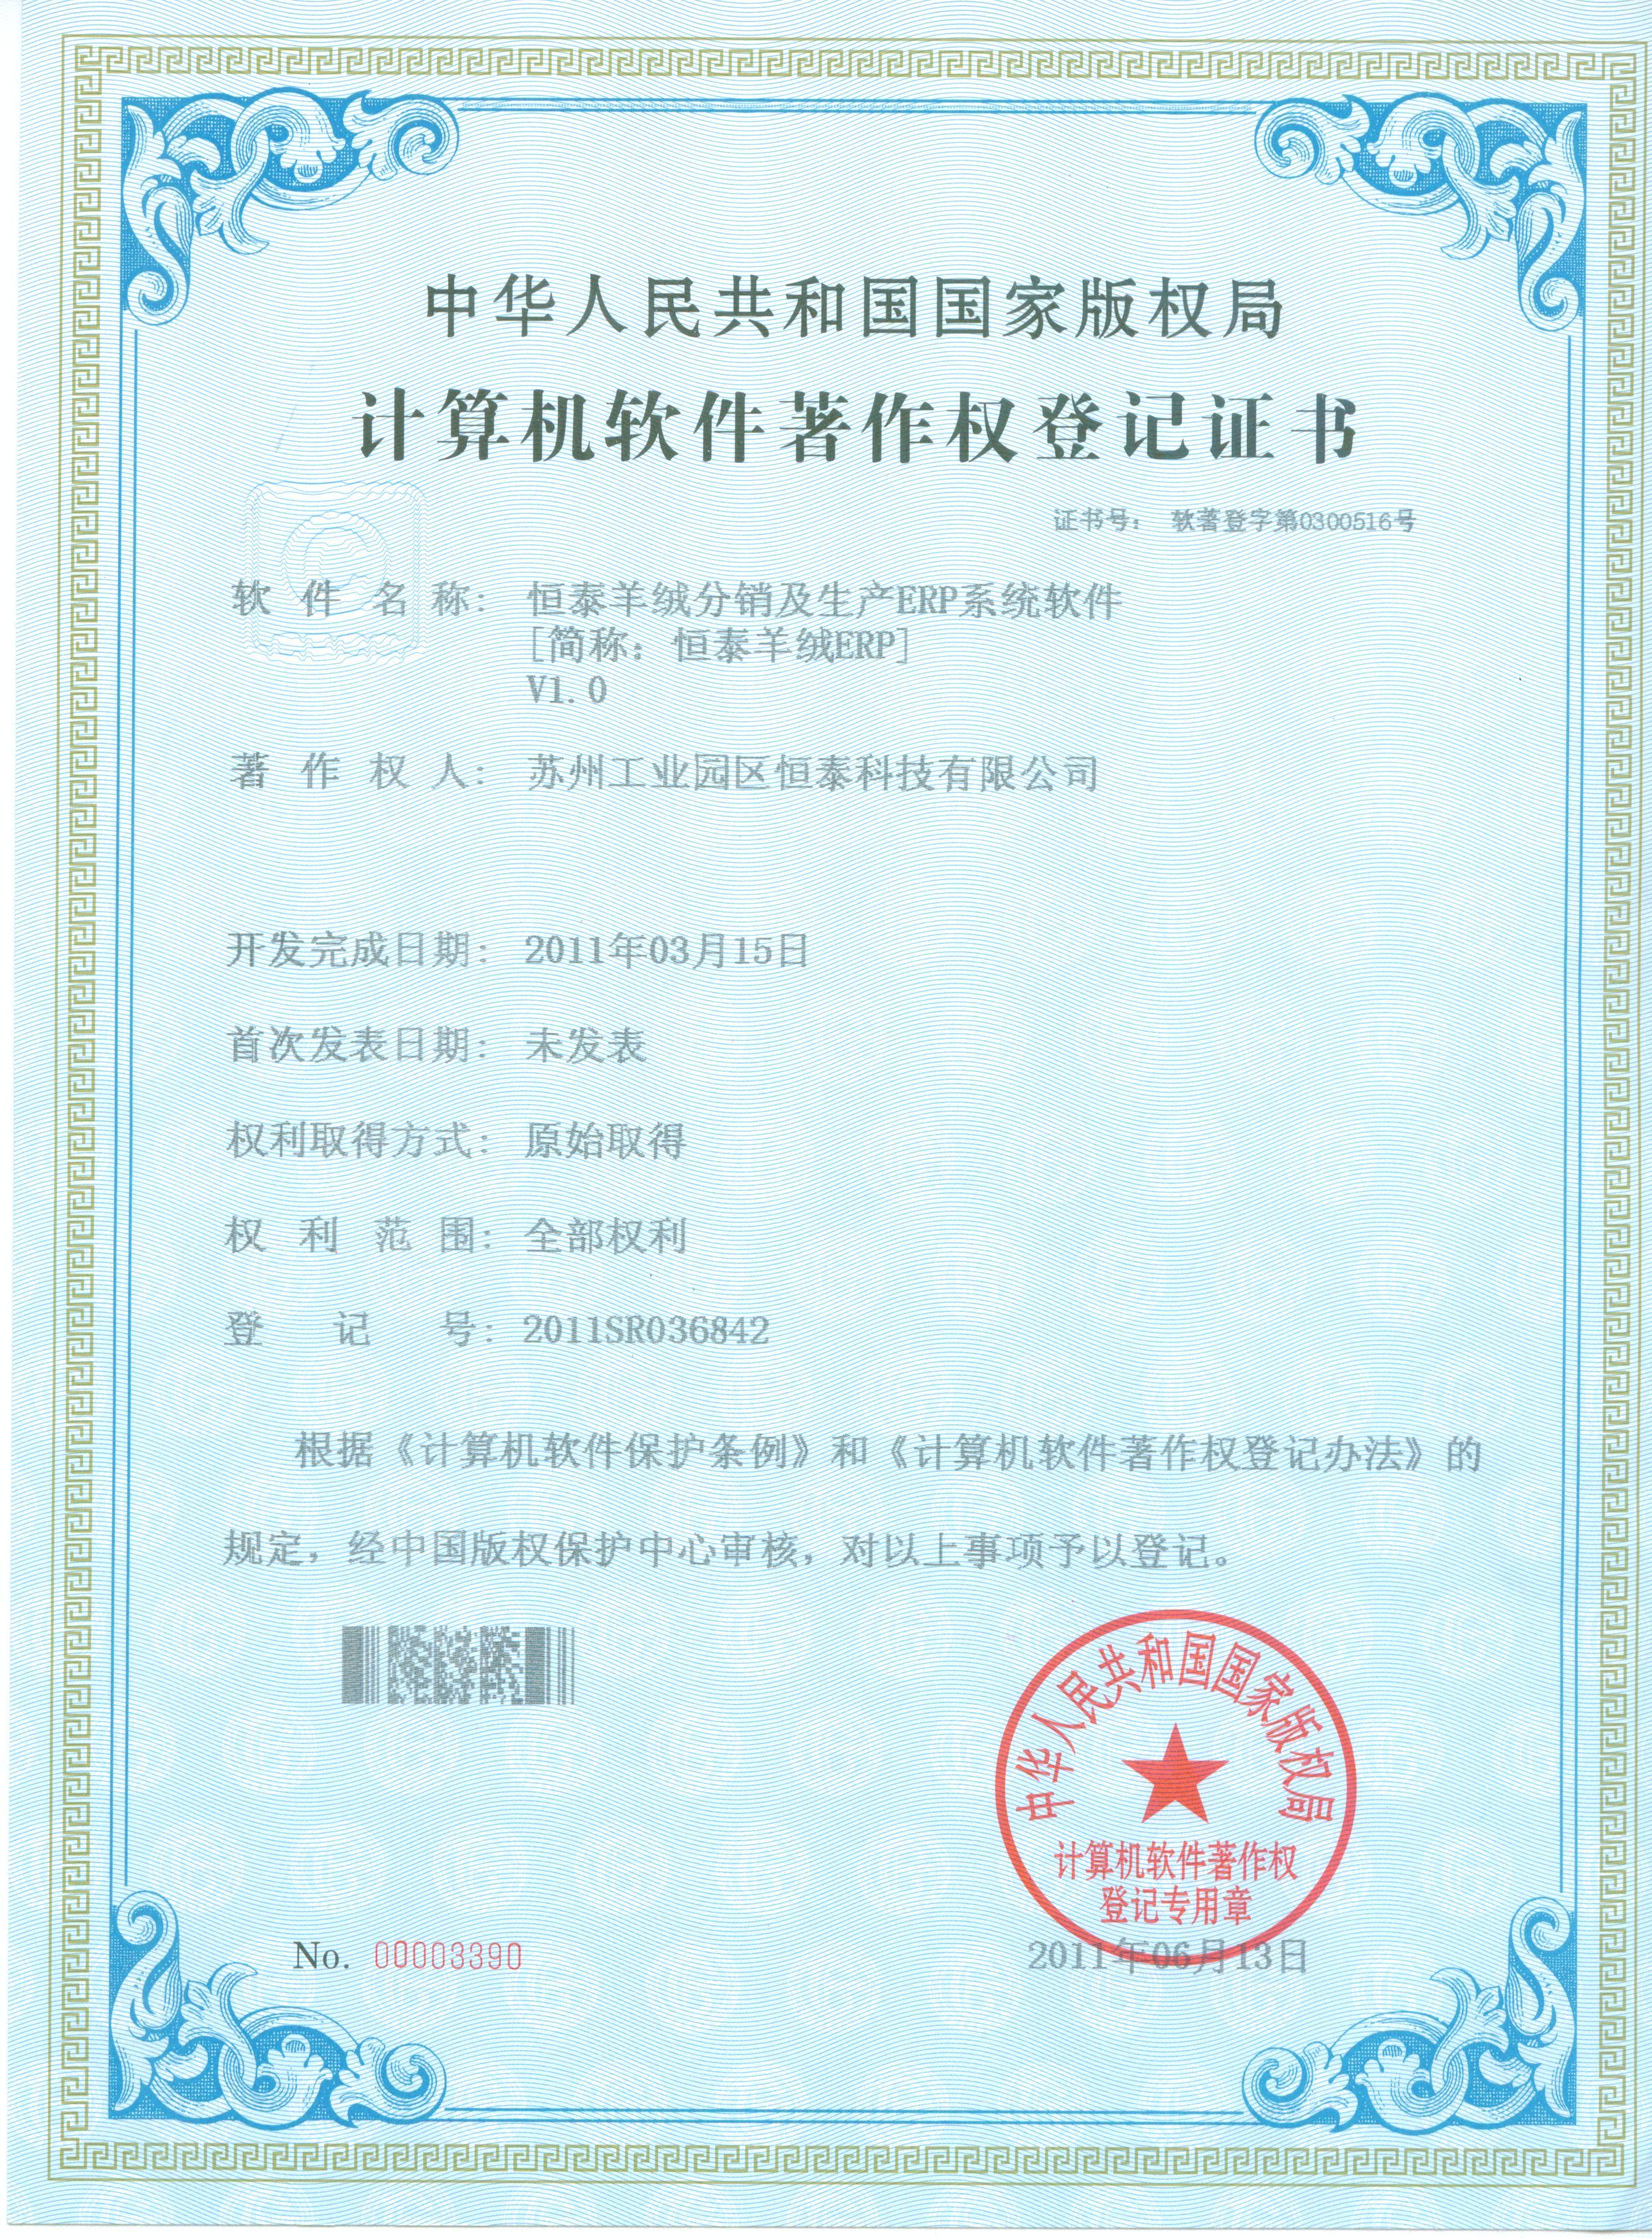 恒泰羊绒ERP软著荣誉证书